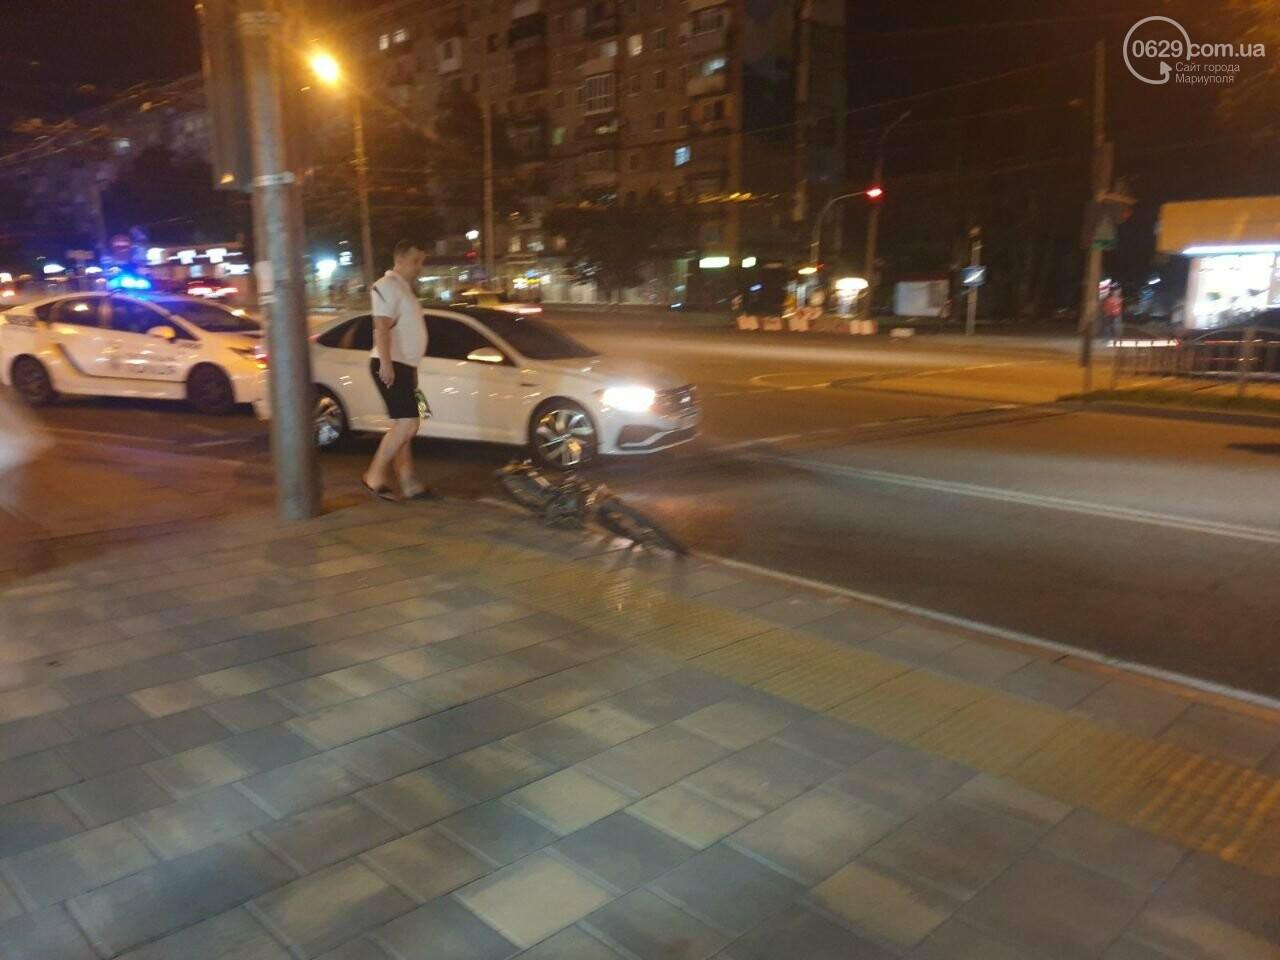 Кто виноват? В Мариуполе автомобиль на пешеходном переходе столкнулся с велосипедистом, - ФОТО, фото-2